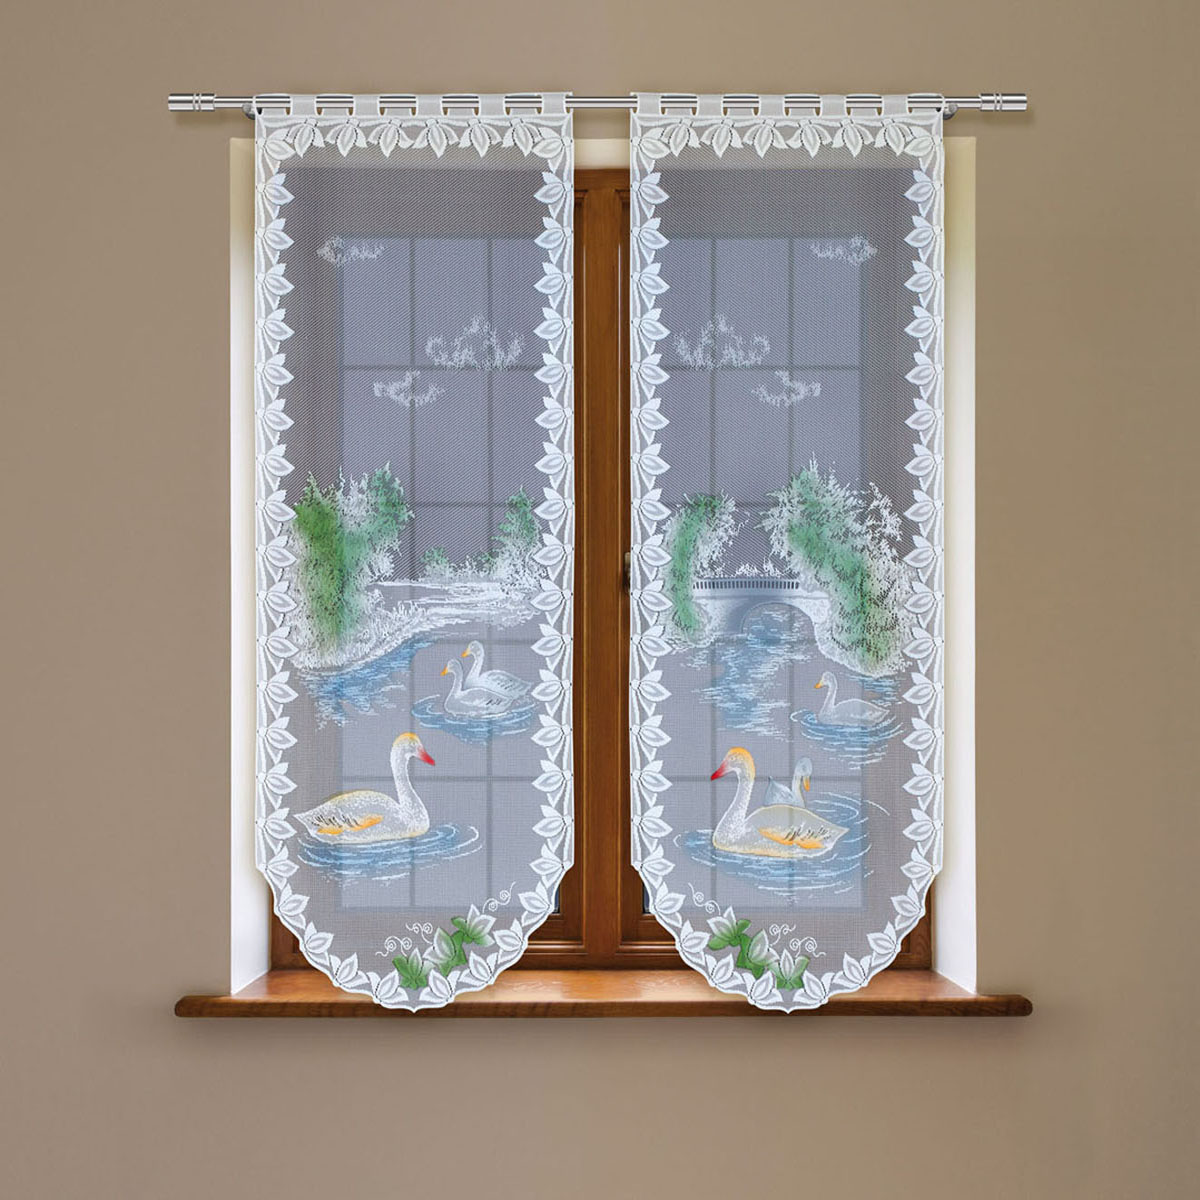 Гардины Haft, цвет: белый, высота 220 см. 4243Е/604243Е/60Гардины Haft, изготовленные из легкого качественного полупрозрачного полиэстера с рисунком, украсят вашеокно и дополнят интерьер кухни, гостиной или любой другой комнаты. Изделия имеют в верхней части полотнапрорези, через которые гардина-витраж вывешивается на карниз или ее можно крепить на зажим для штор (вкомплект не входит).Комплект состоит из двух полотен.Размер 1 полотна (В х Ш): 220 х 60 см.